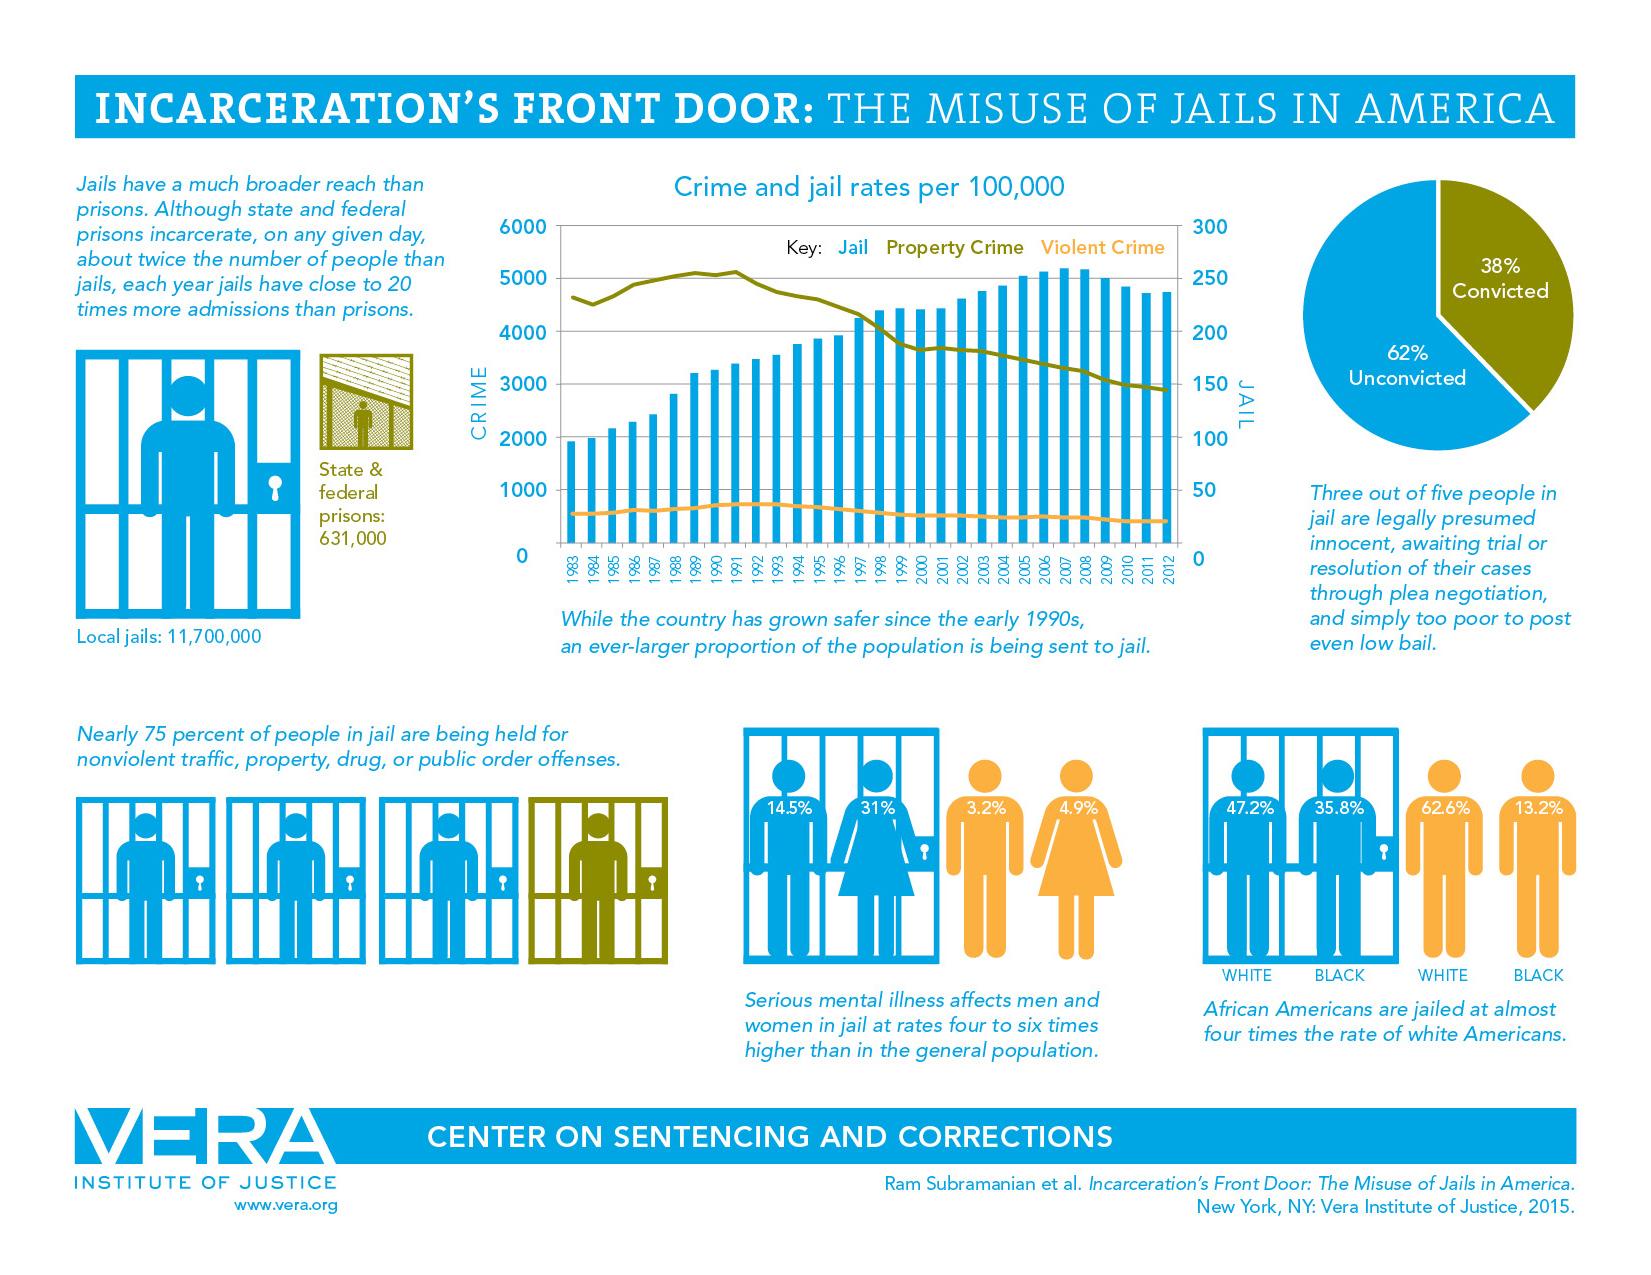 Incarceration Front Door Statistics, Vera Institute for Justice